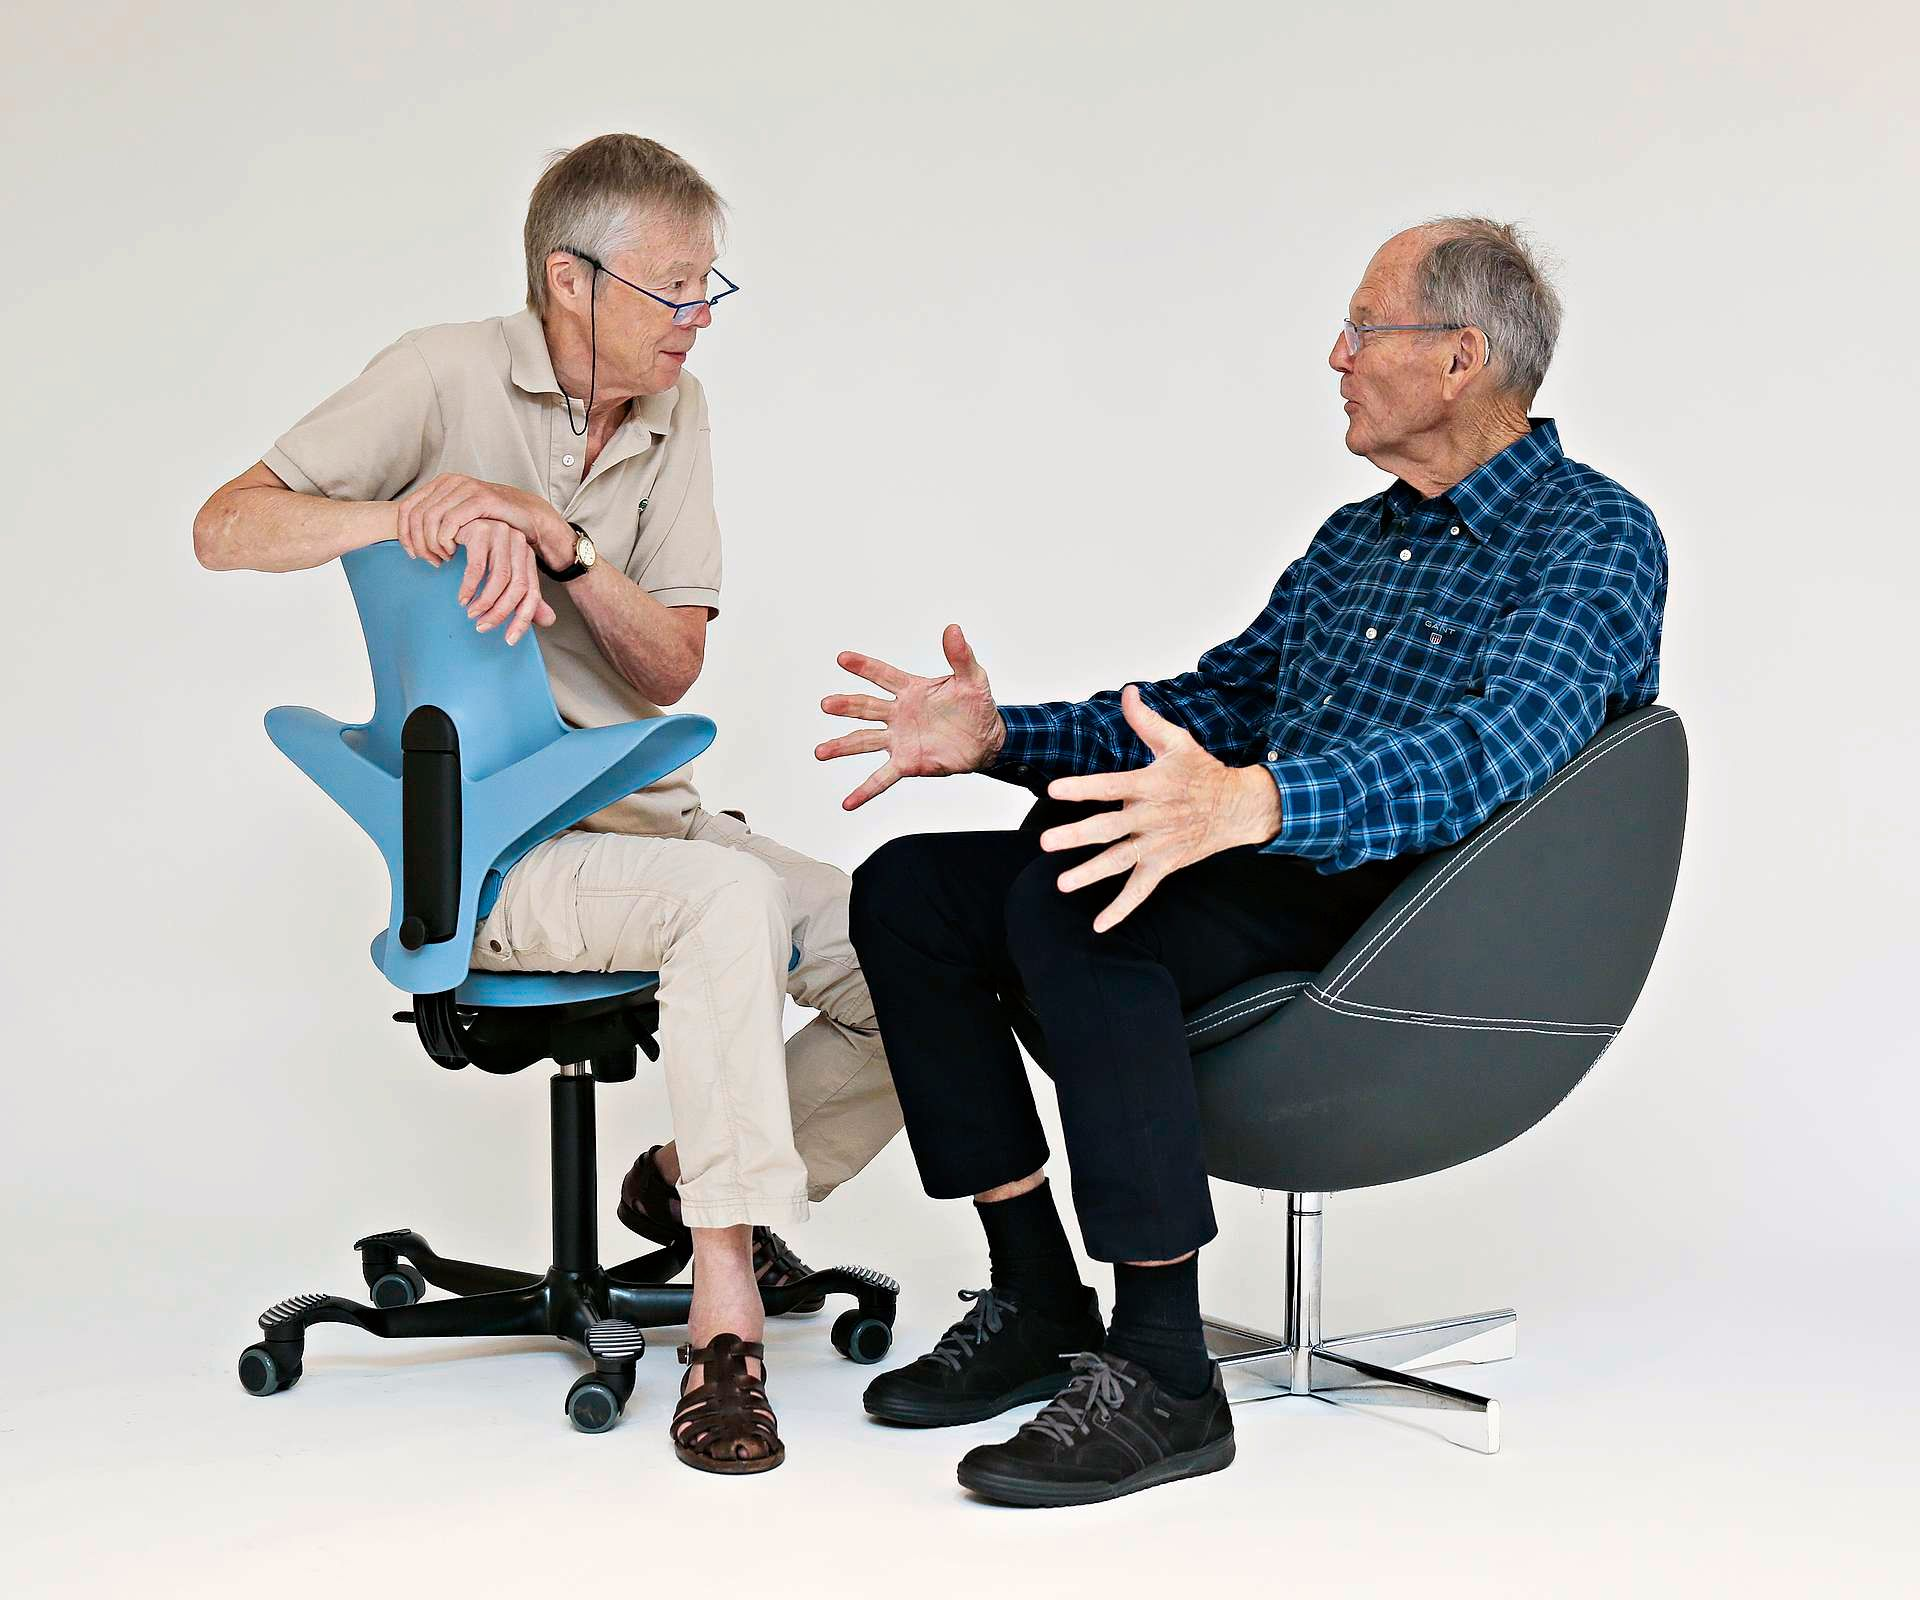 NRK TV – Norsk møbeldesign mellom to stoler?